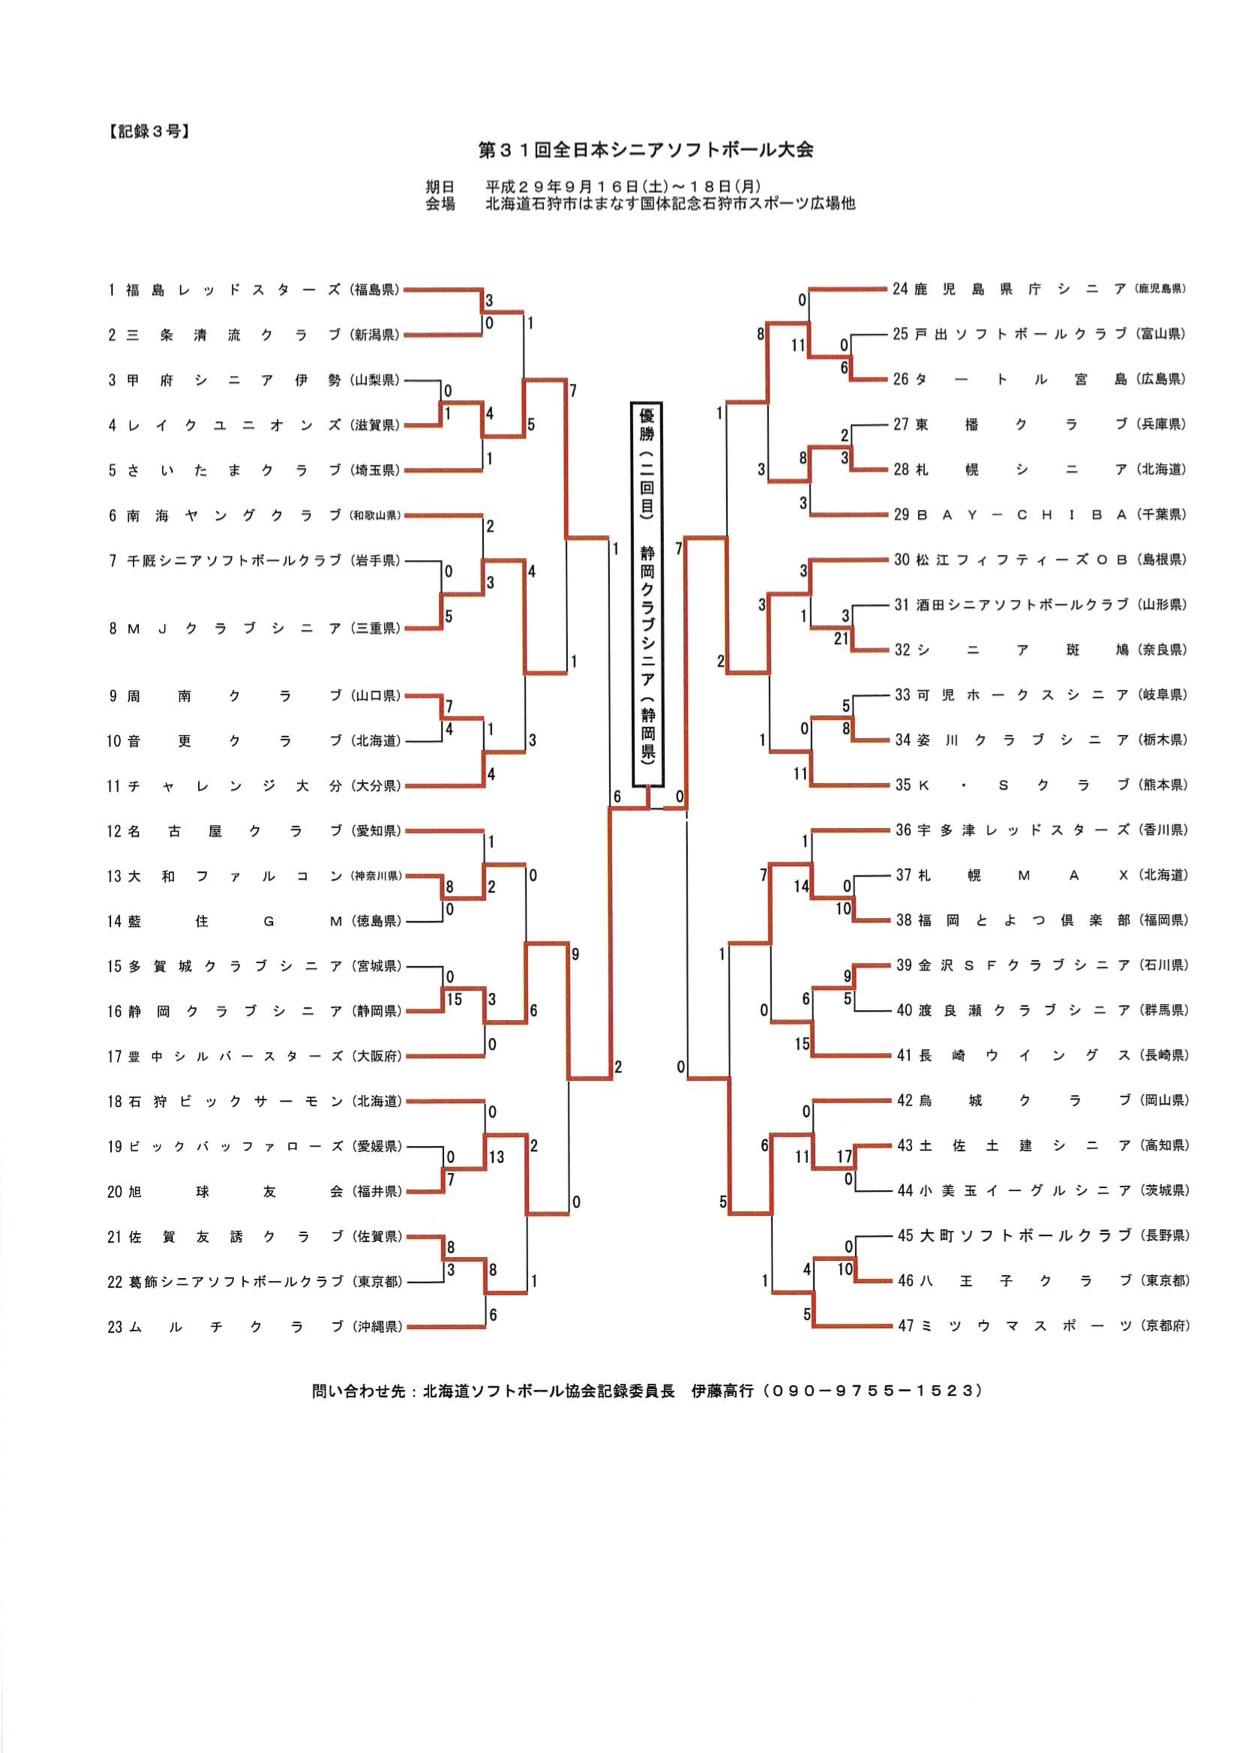 MX-2650FN_20170920_113401